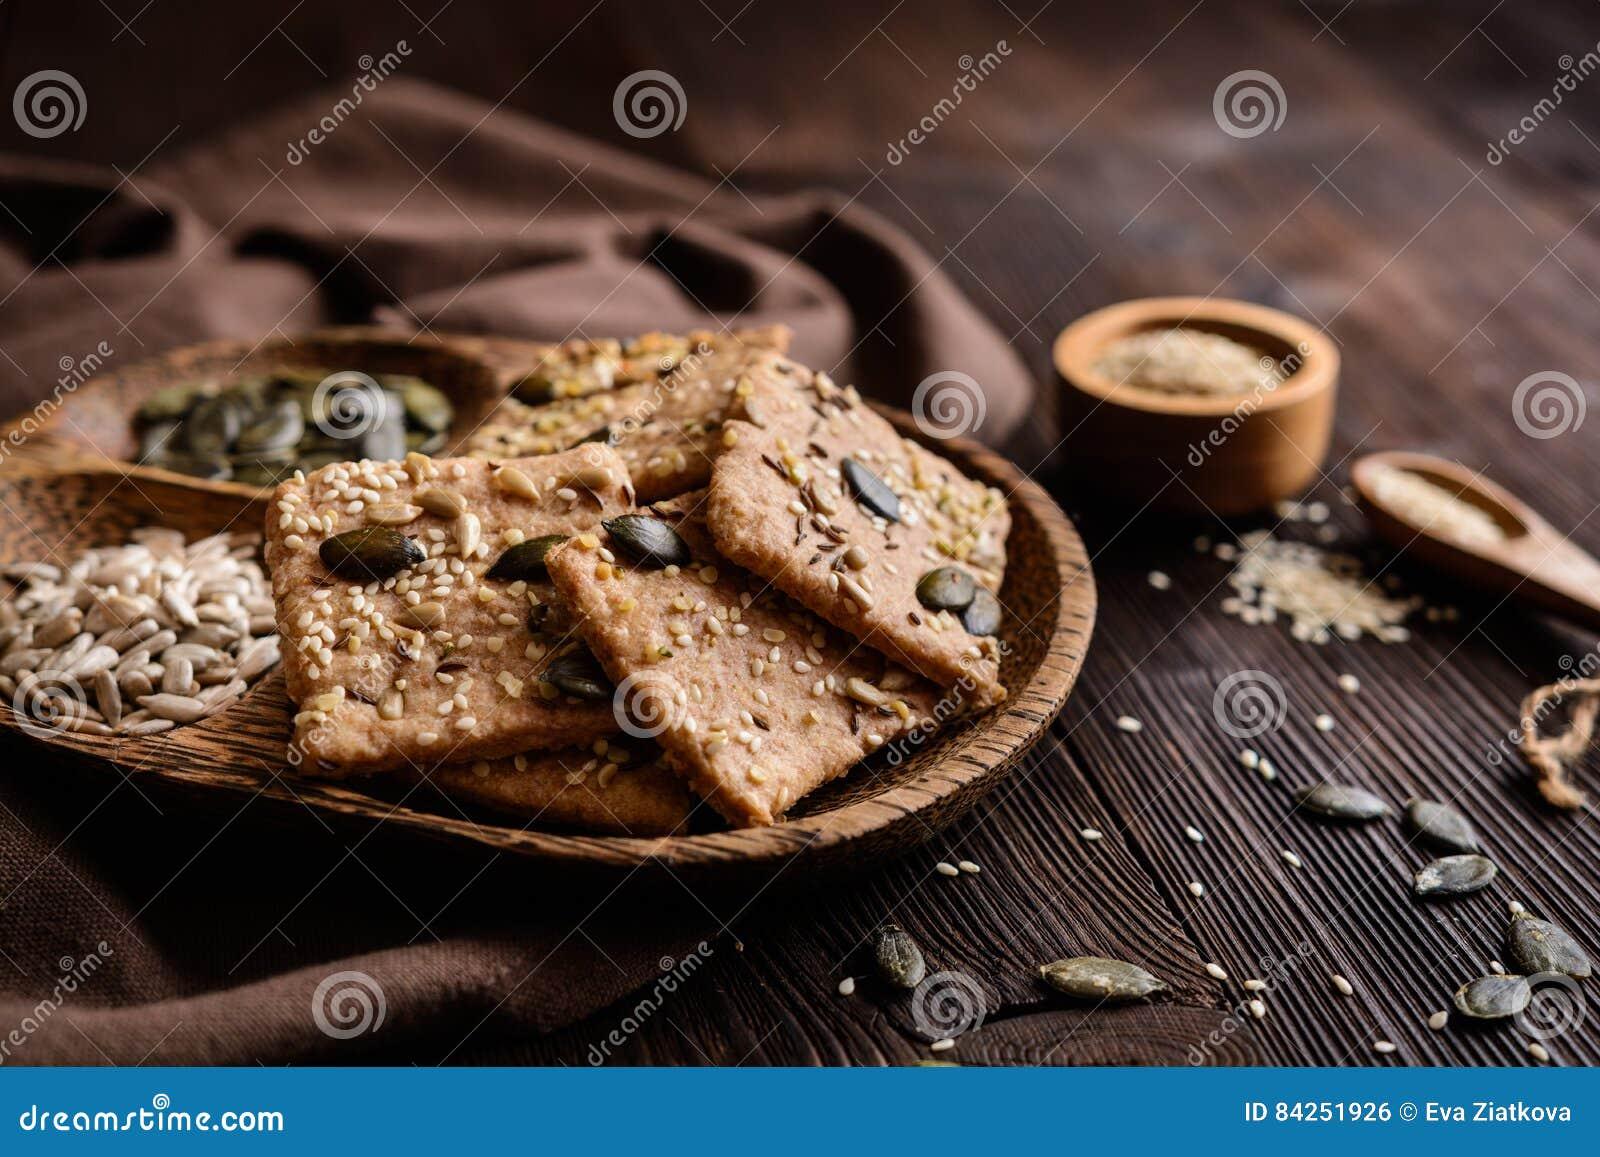 Spelt flour crackers with pumpkin, sunflower, sesame, flax and hemp seeds